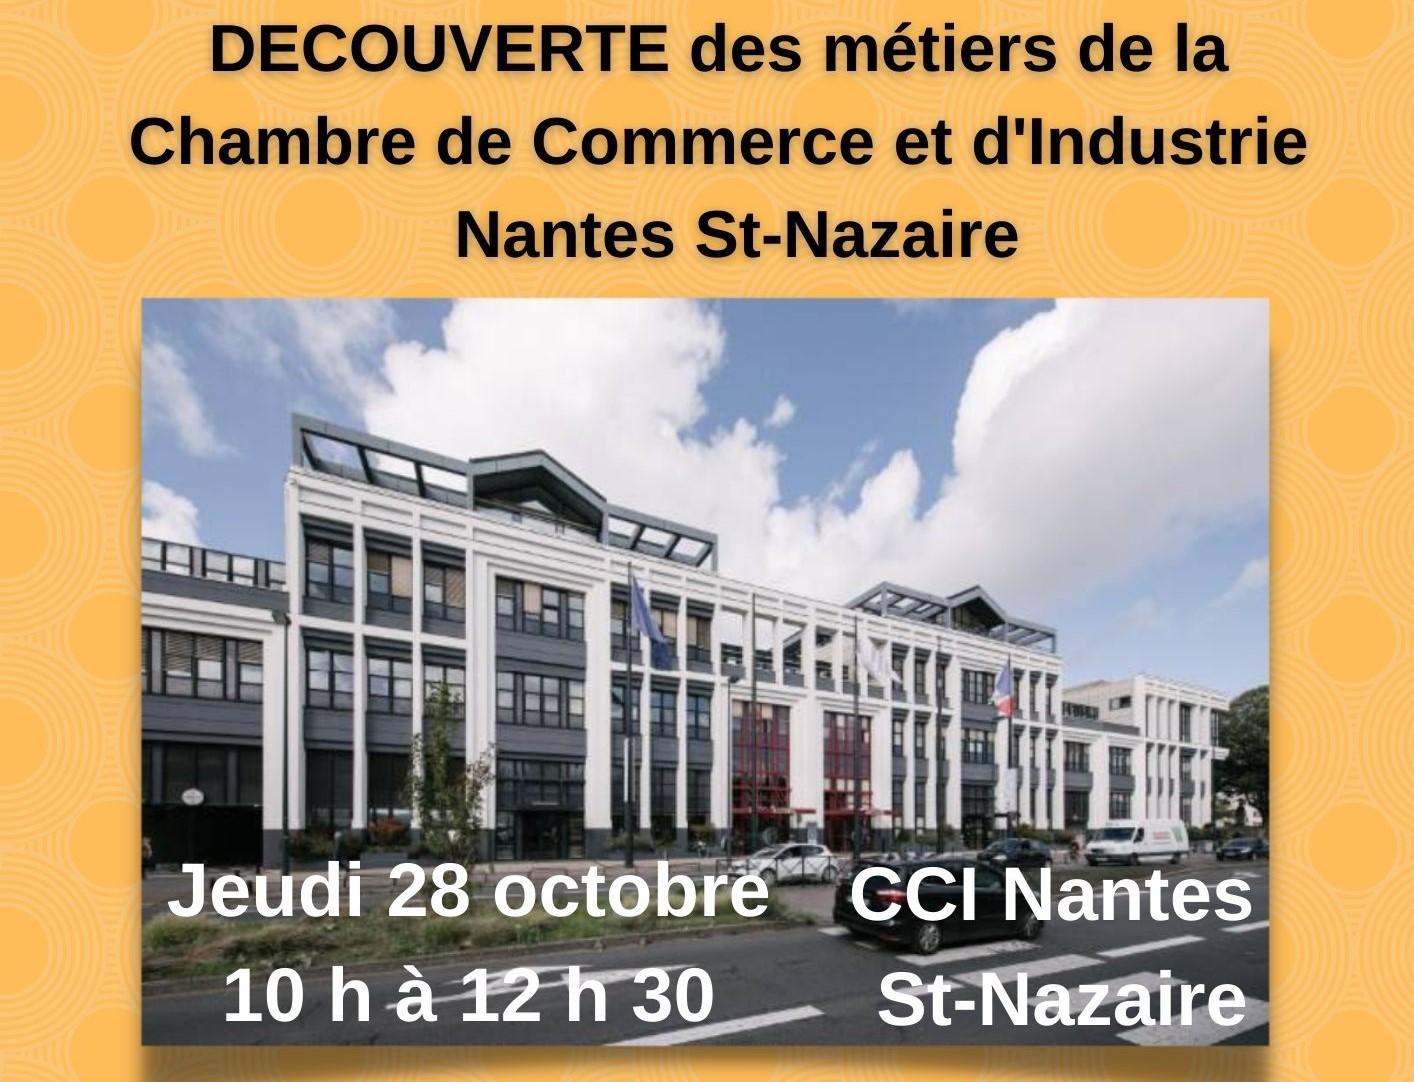 Venez découvrir des métiers de la  Chambre de Commerce et d'Industrie Nantes St-Nazaire